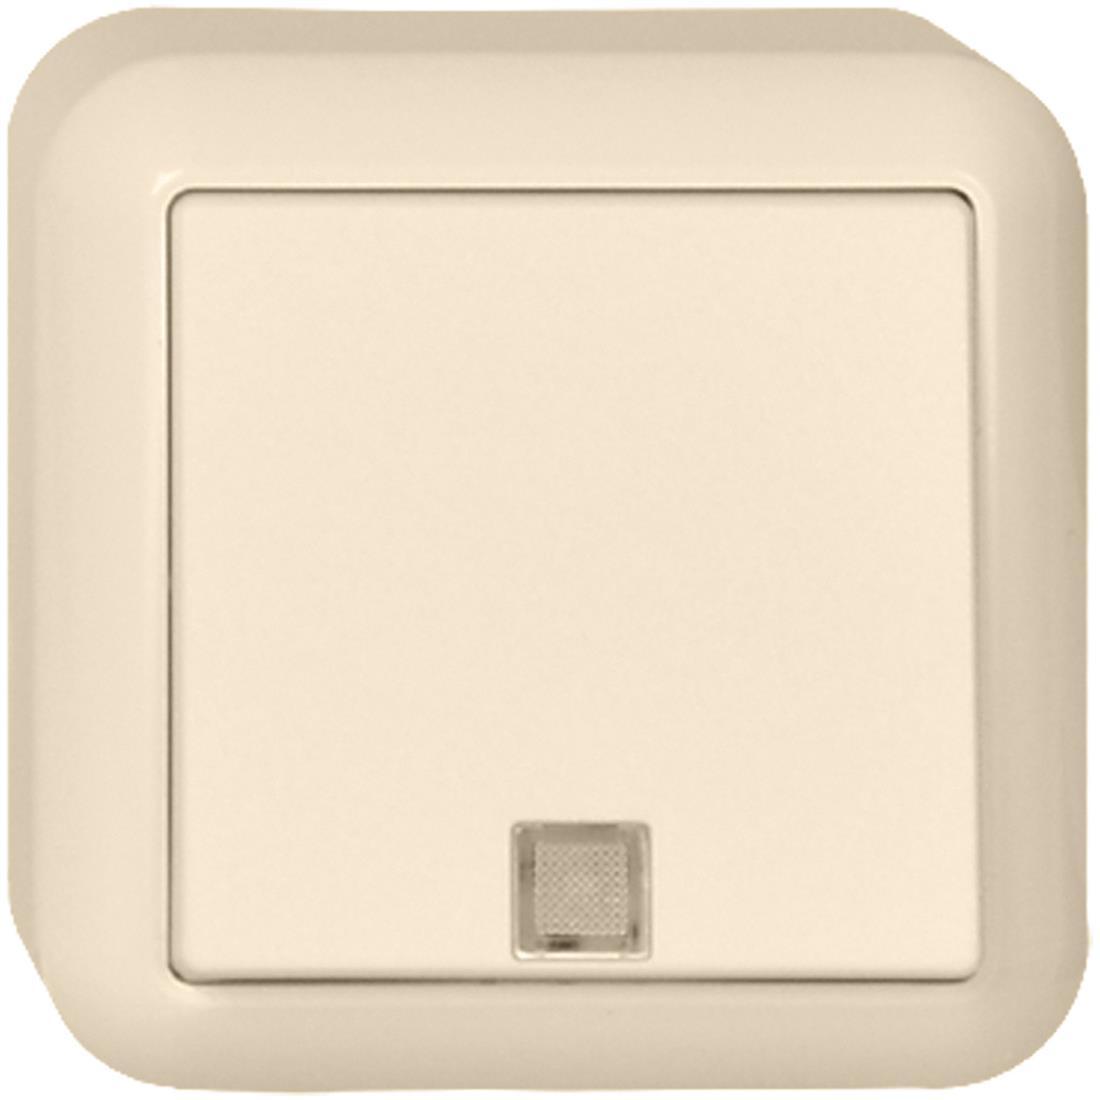 Schneider Electric Merten Contura opbouw wisselschakelaar met controlelamp 10A 250V - crème wit (381620)